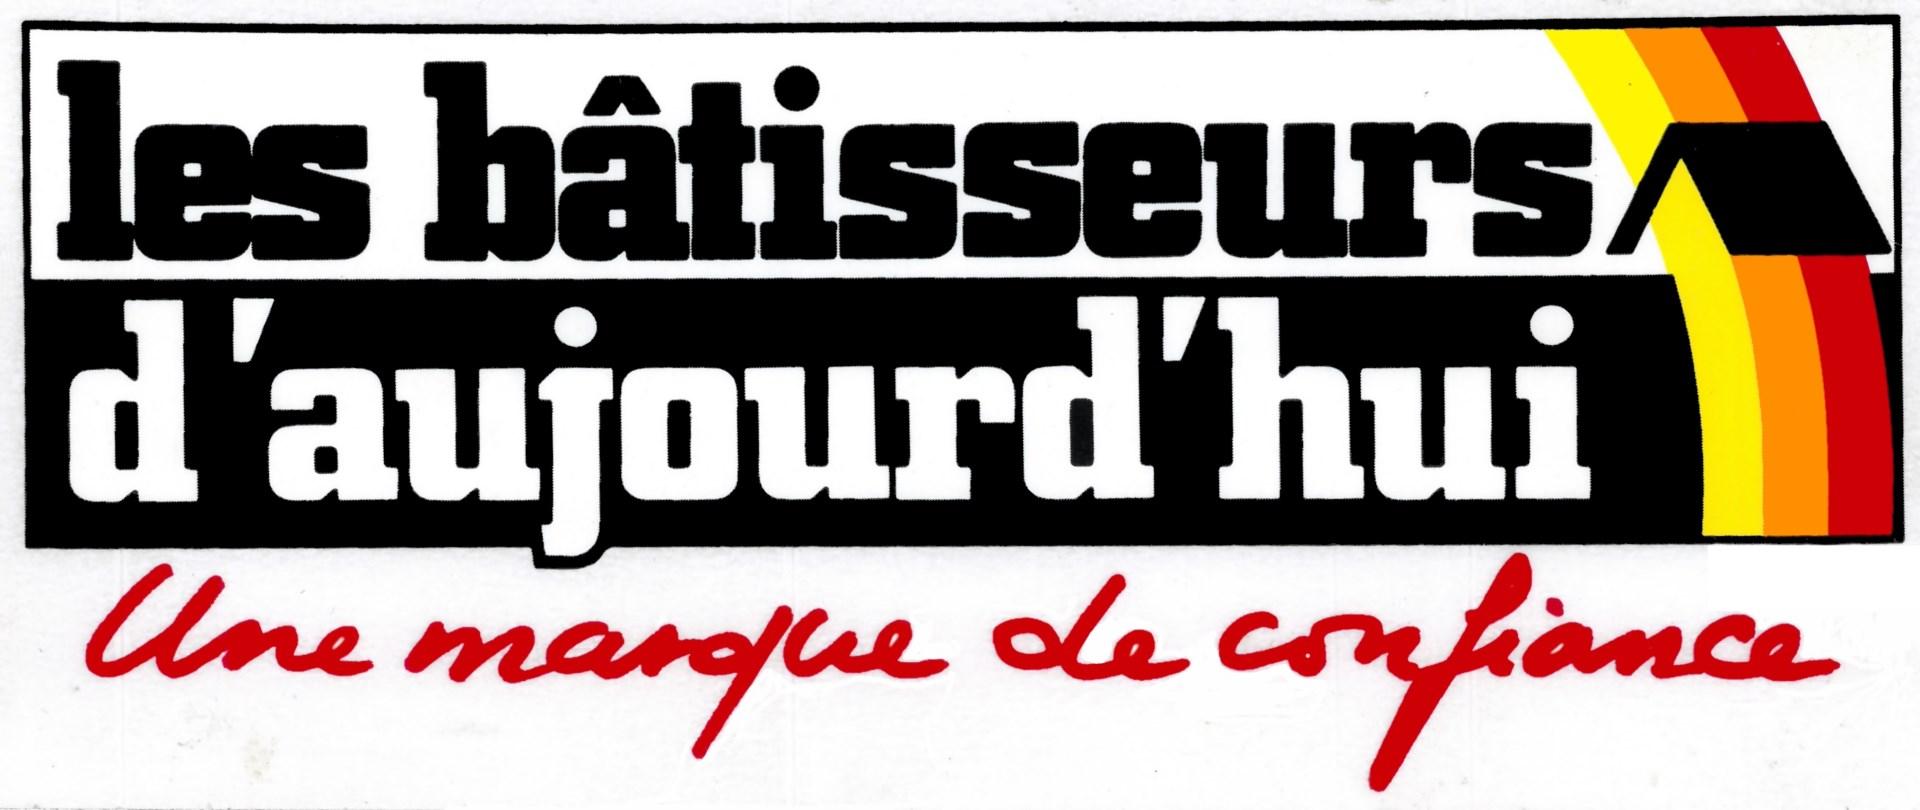 LES BATISSEURS D'AUJOURD'HUI